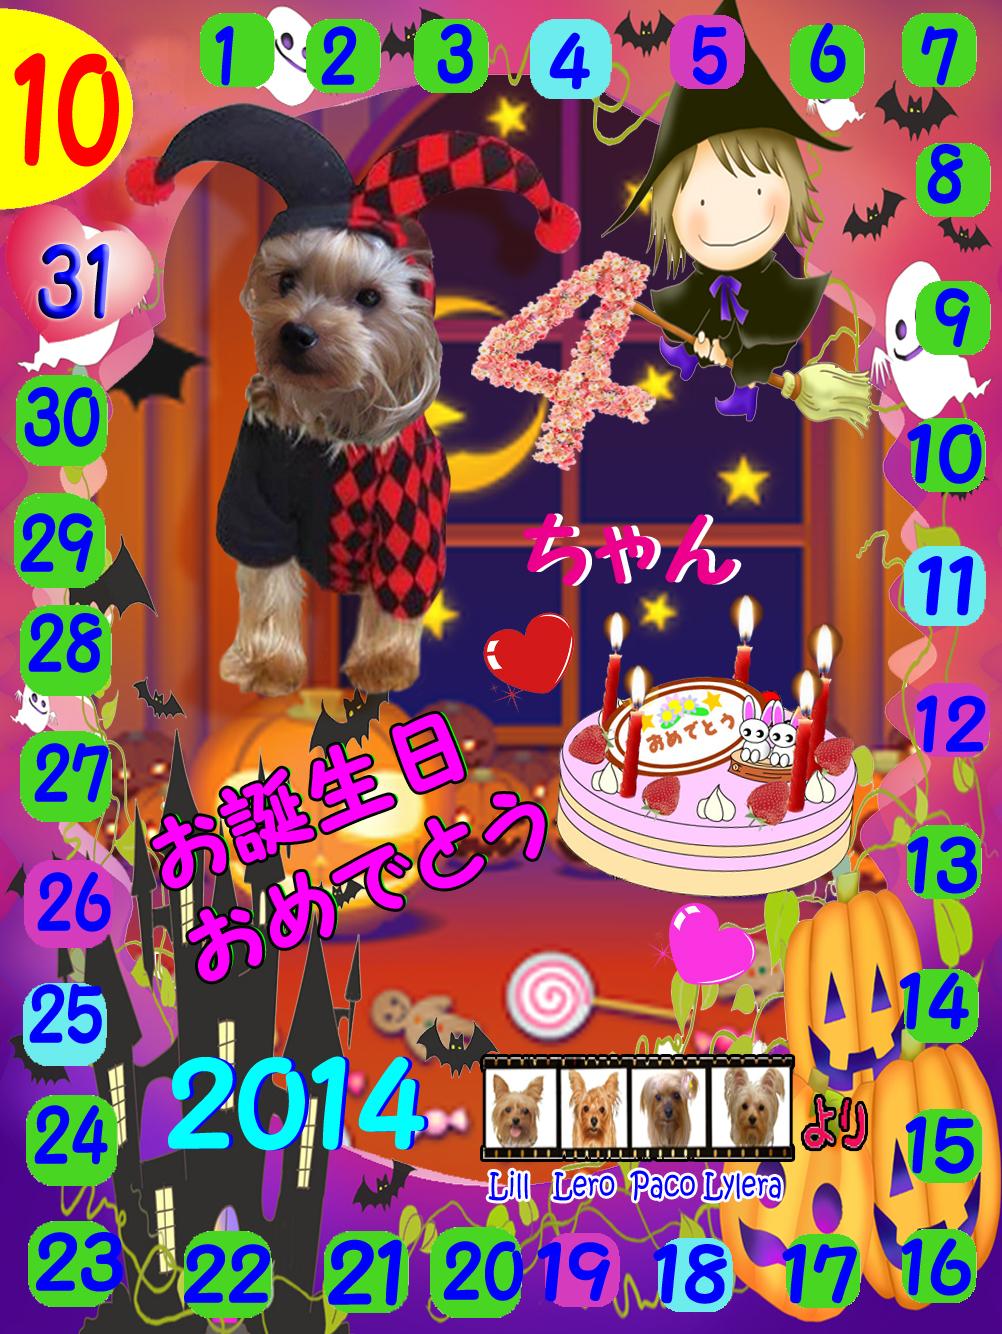 10-31-2014クーたん誕生日カード